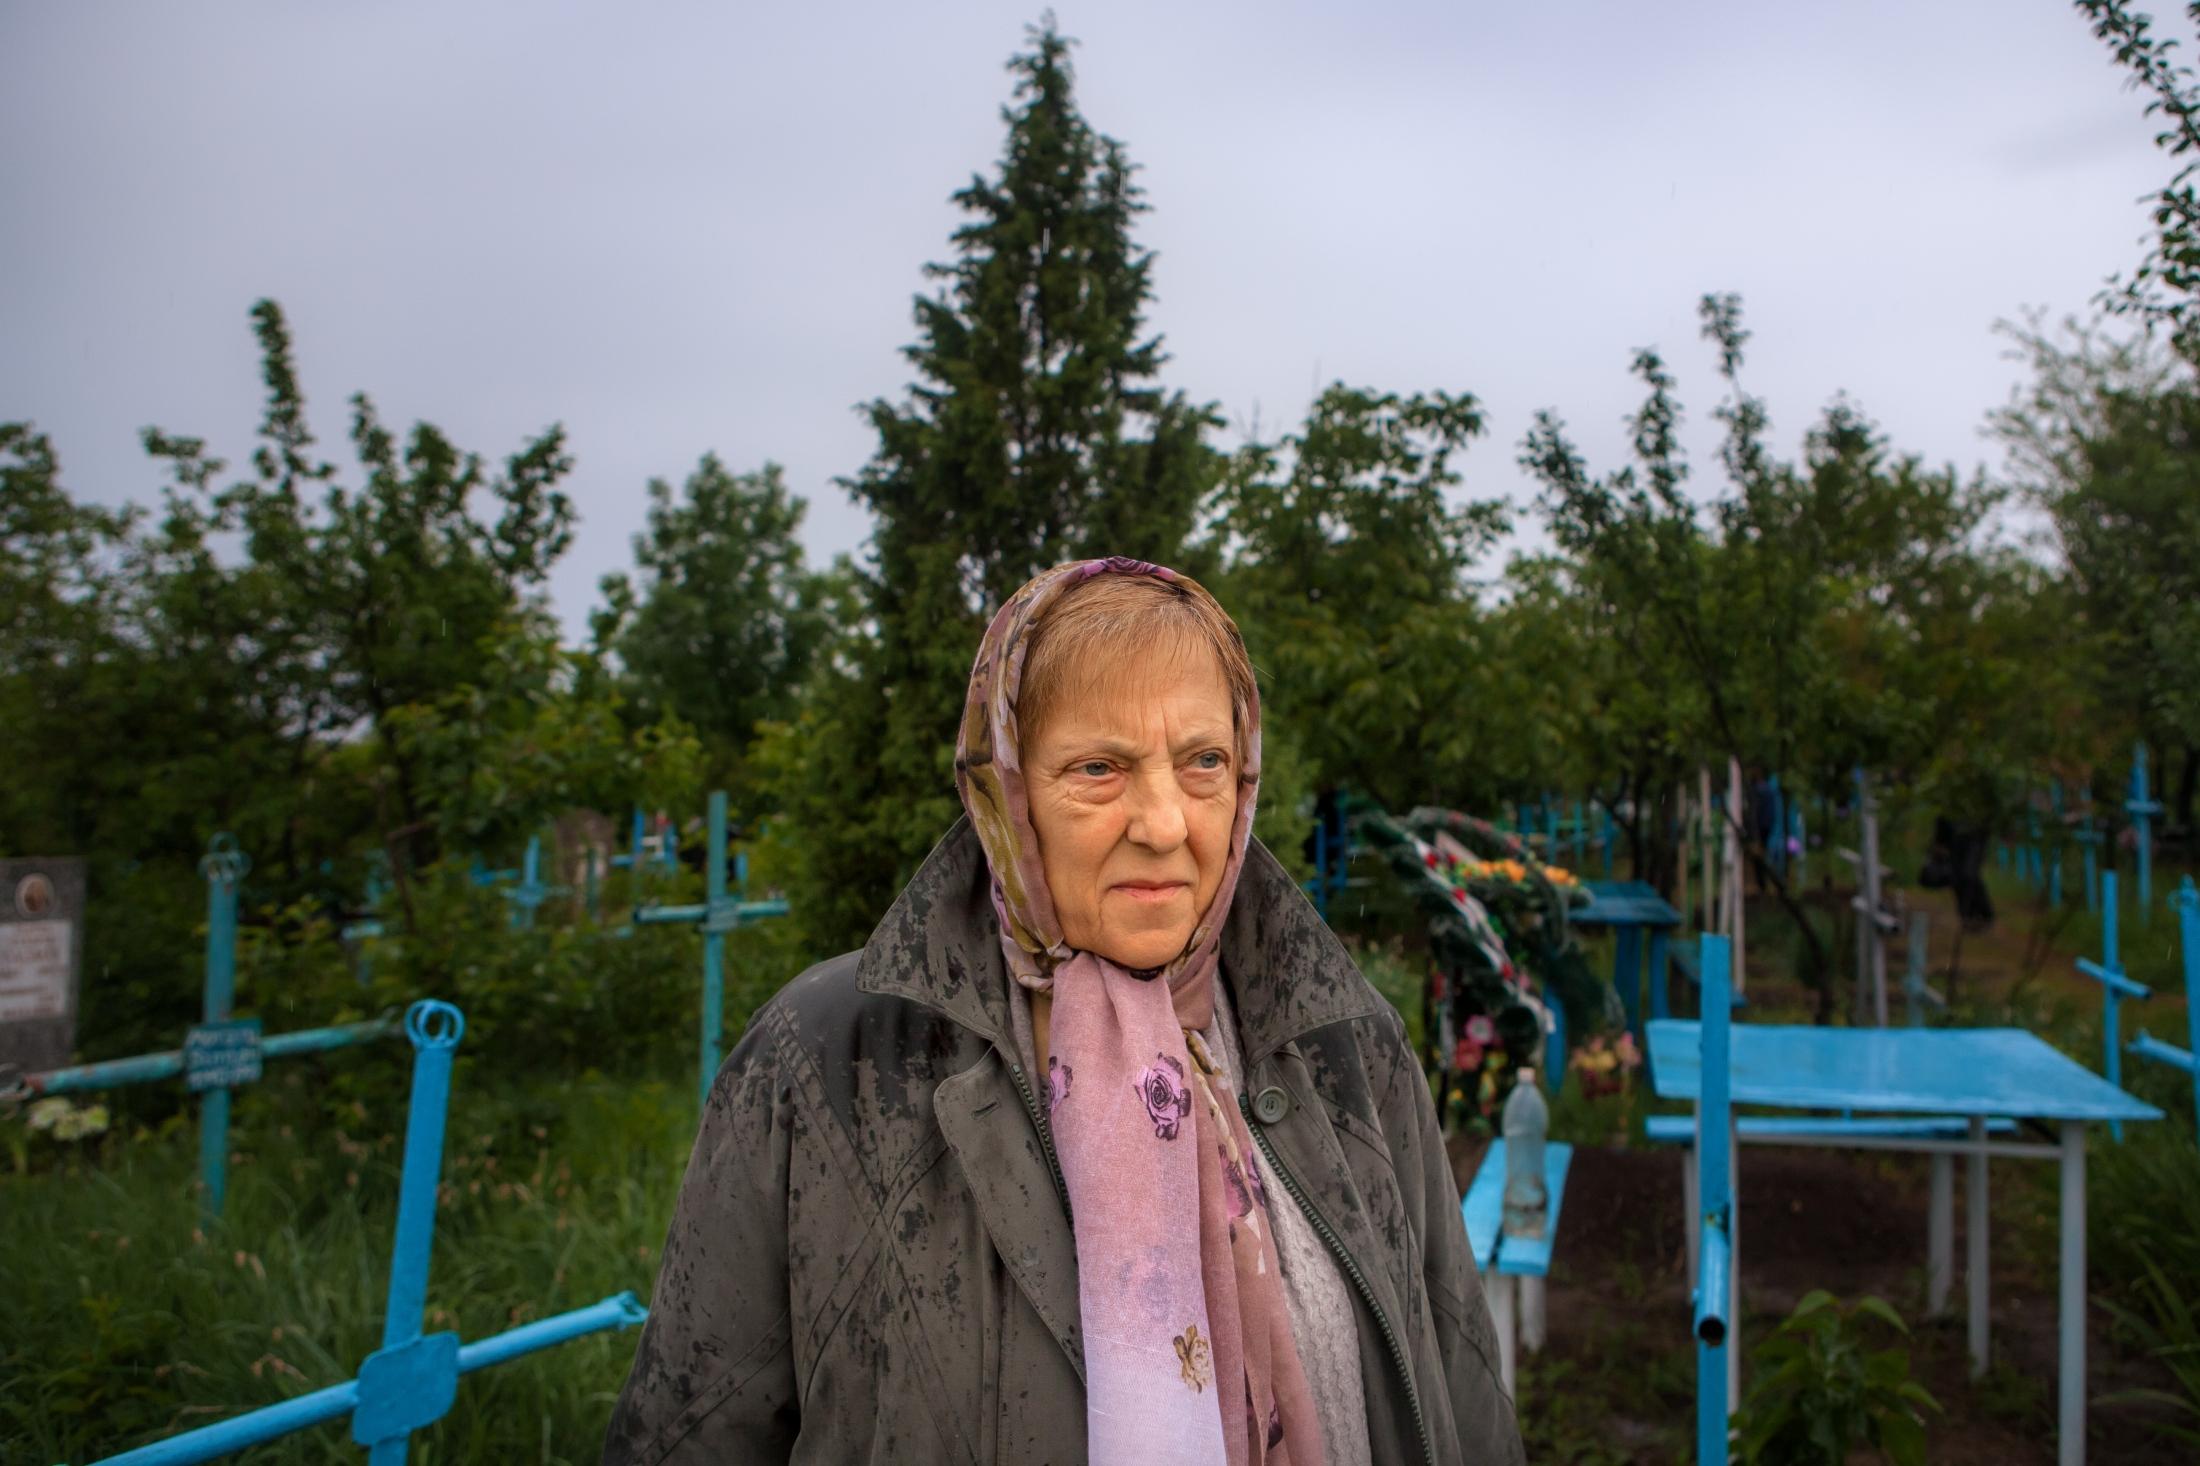 Art and Documentary Photography - Loading 0018_Mary-Estes_Moldova-Deportees_05-09-2016_0107.jpg